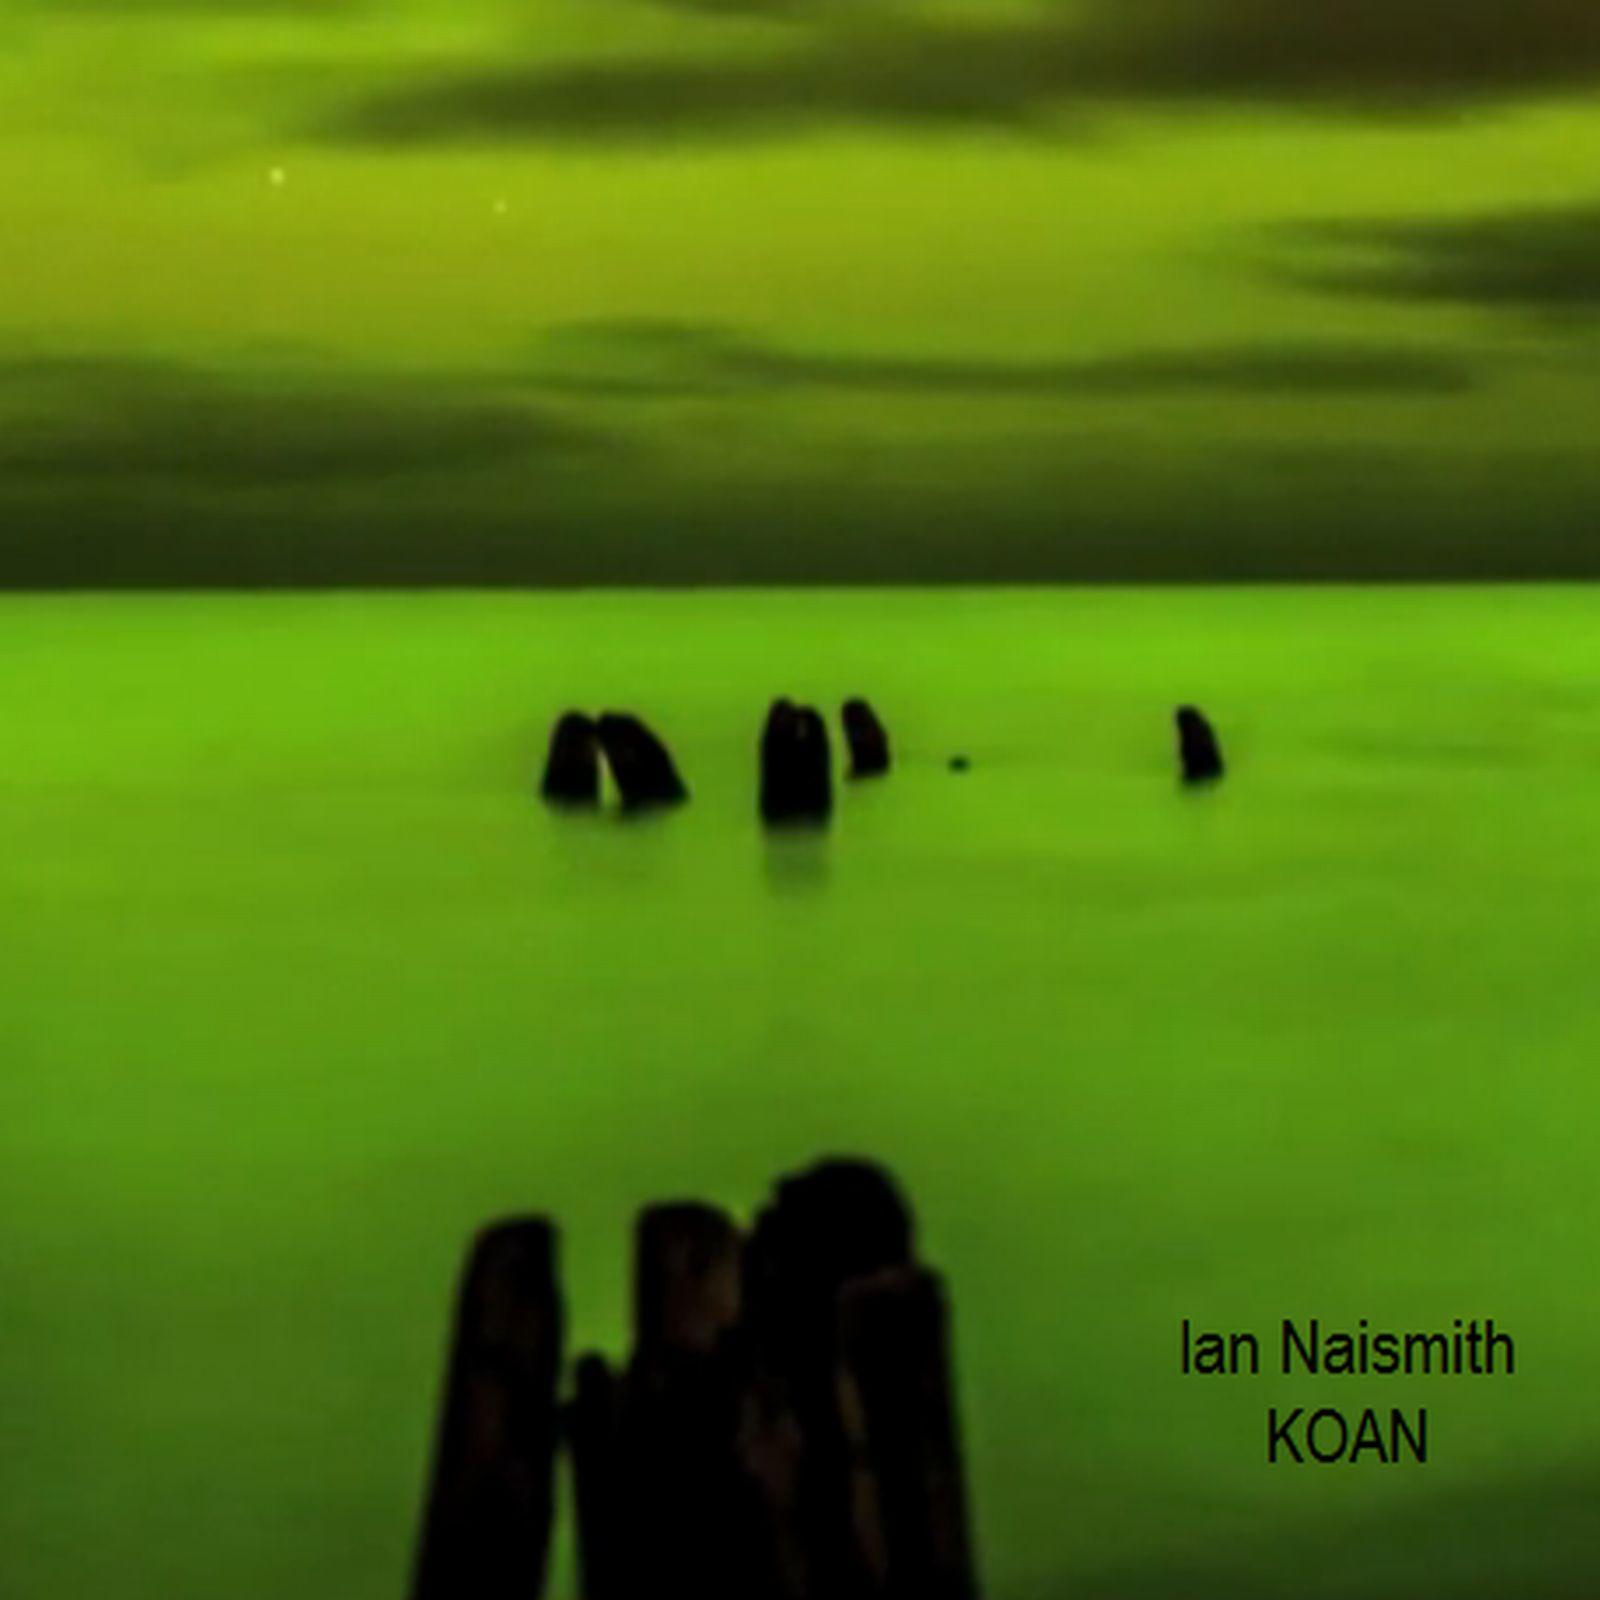 Koan (2016)